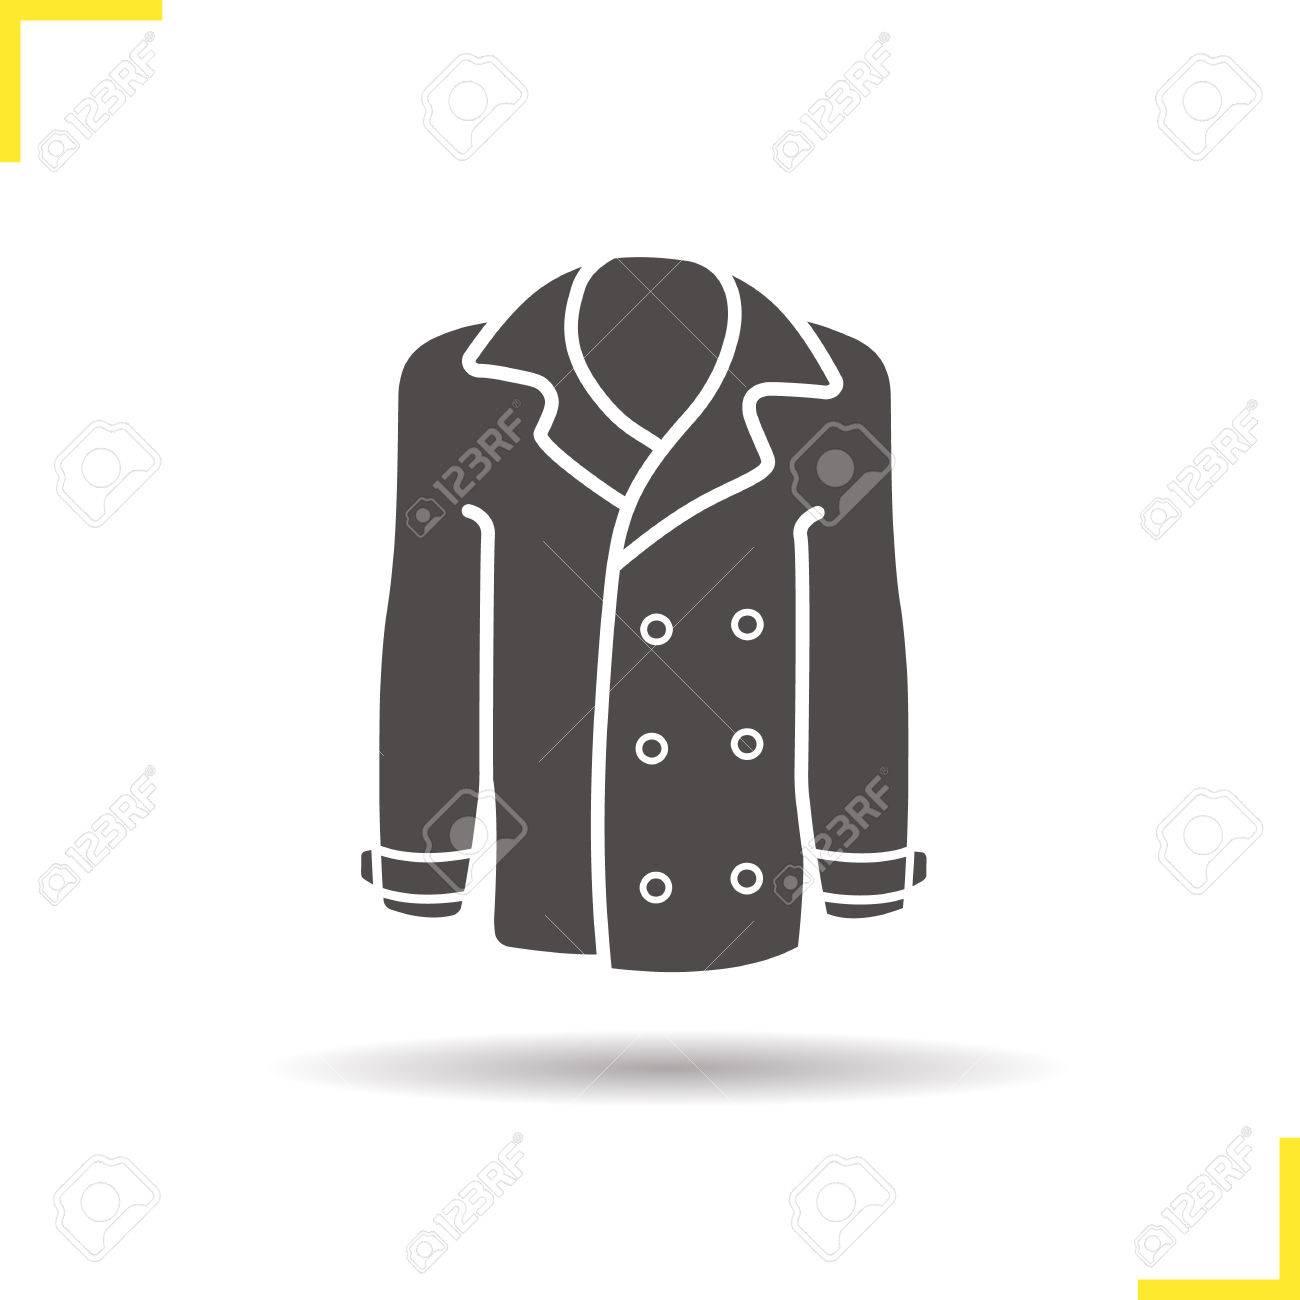 Ombre Hommes Icône Symbole Jakcet Portée Les Et Silhouette Manteau 1CfxqSZWwq